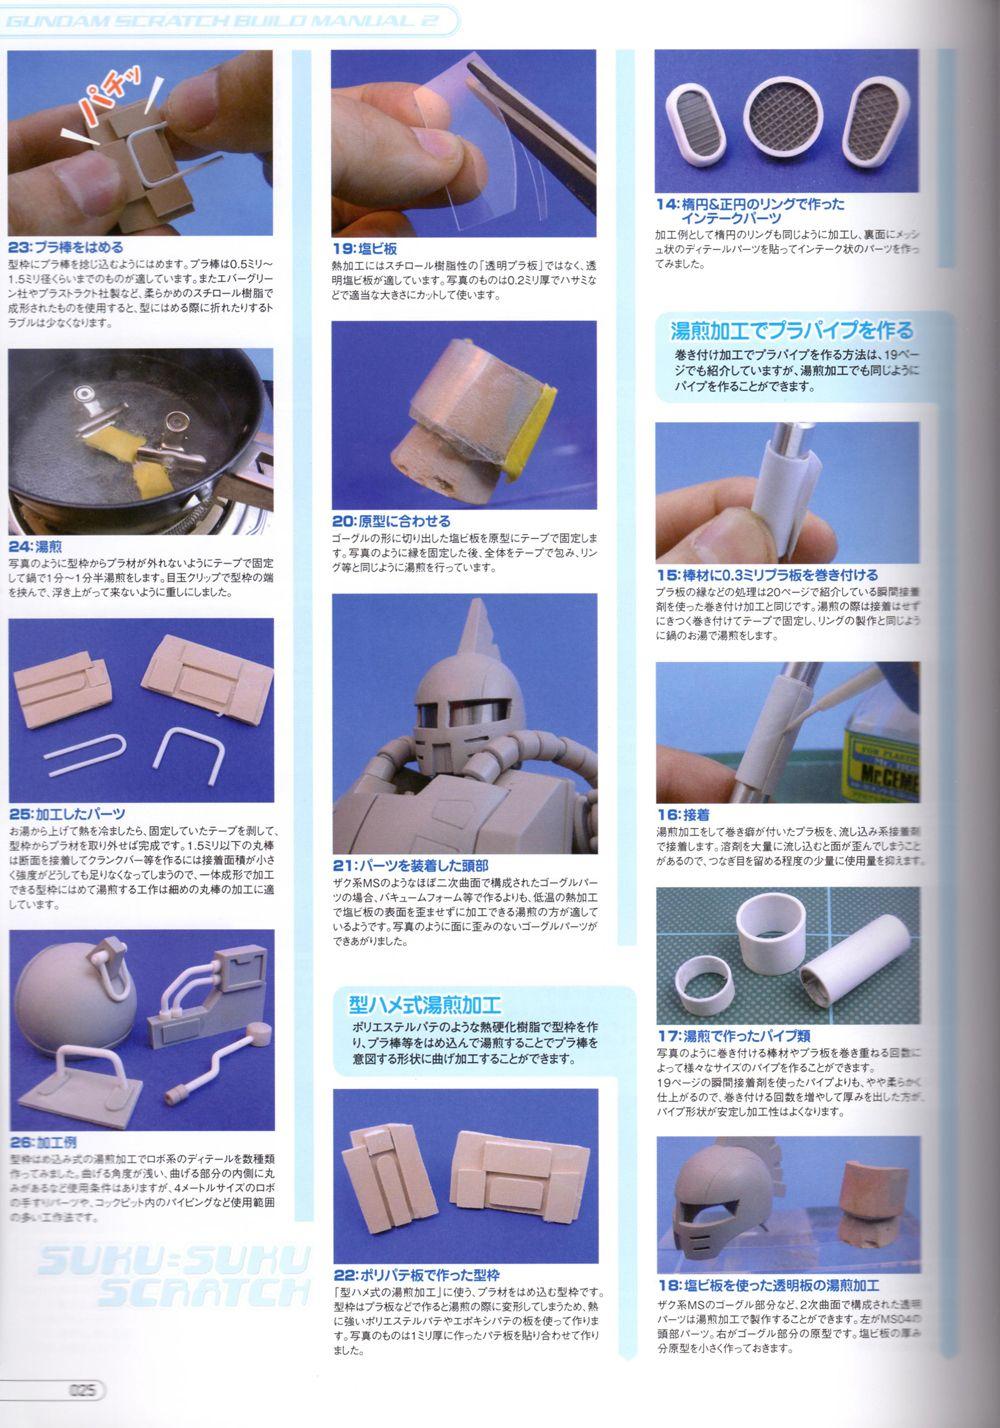 gundam scratch build manual download